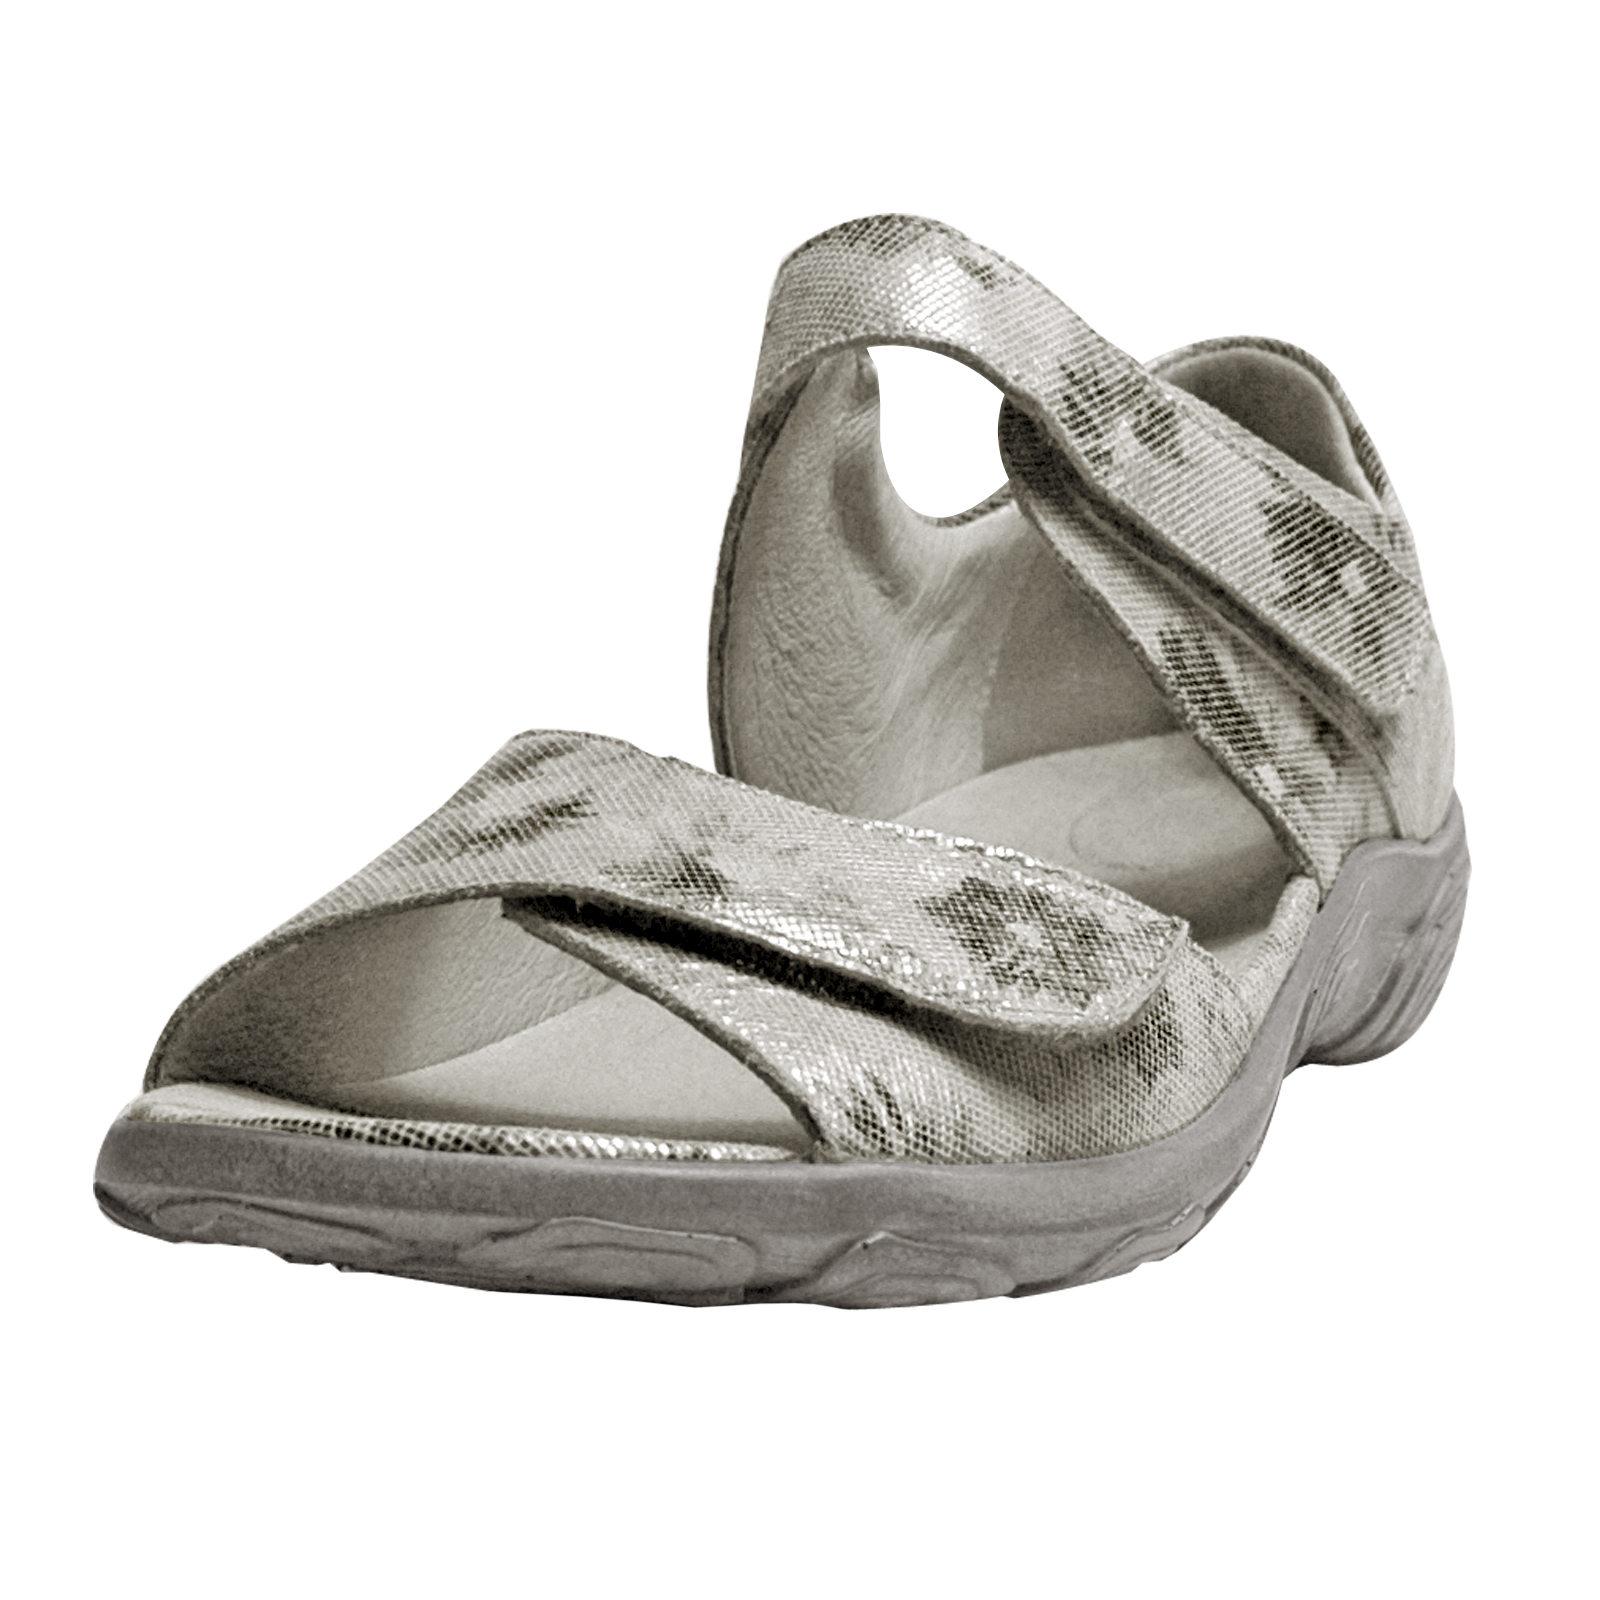 6e1b68c026f0 Details about Waldläufer Women s Sandals Haruna 334802168070 Monet Stone